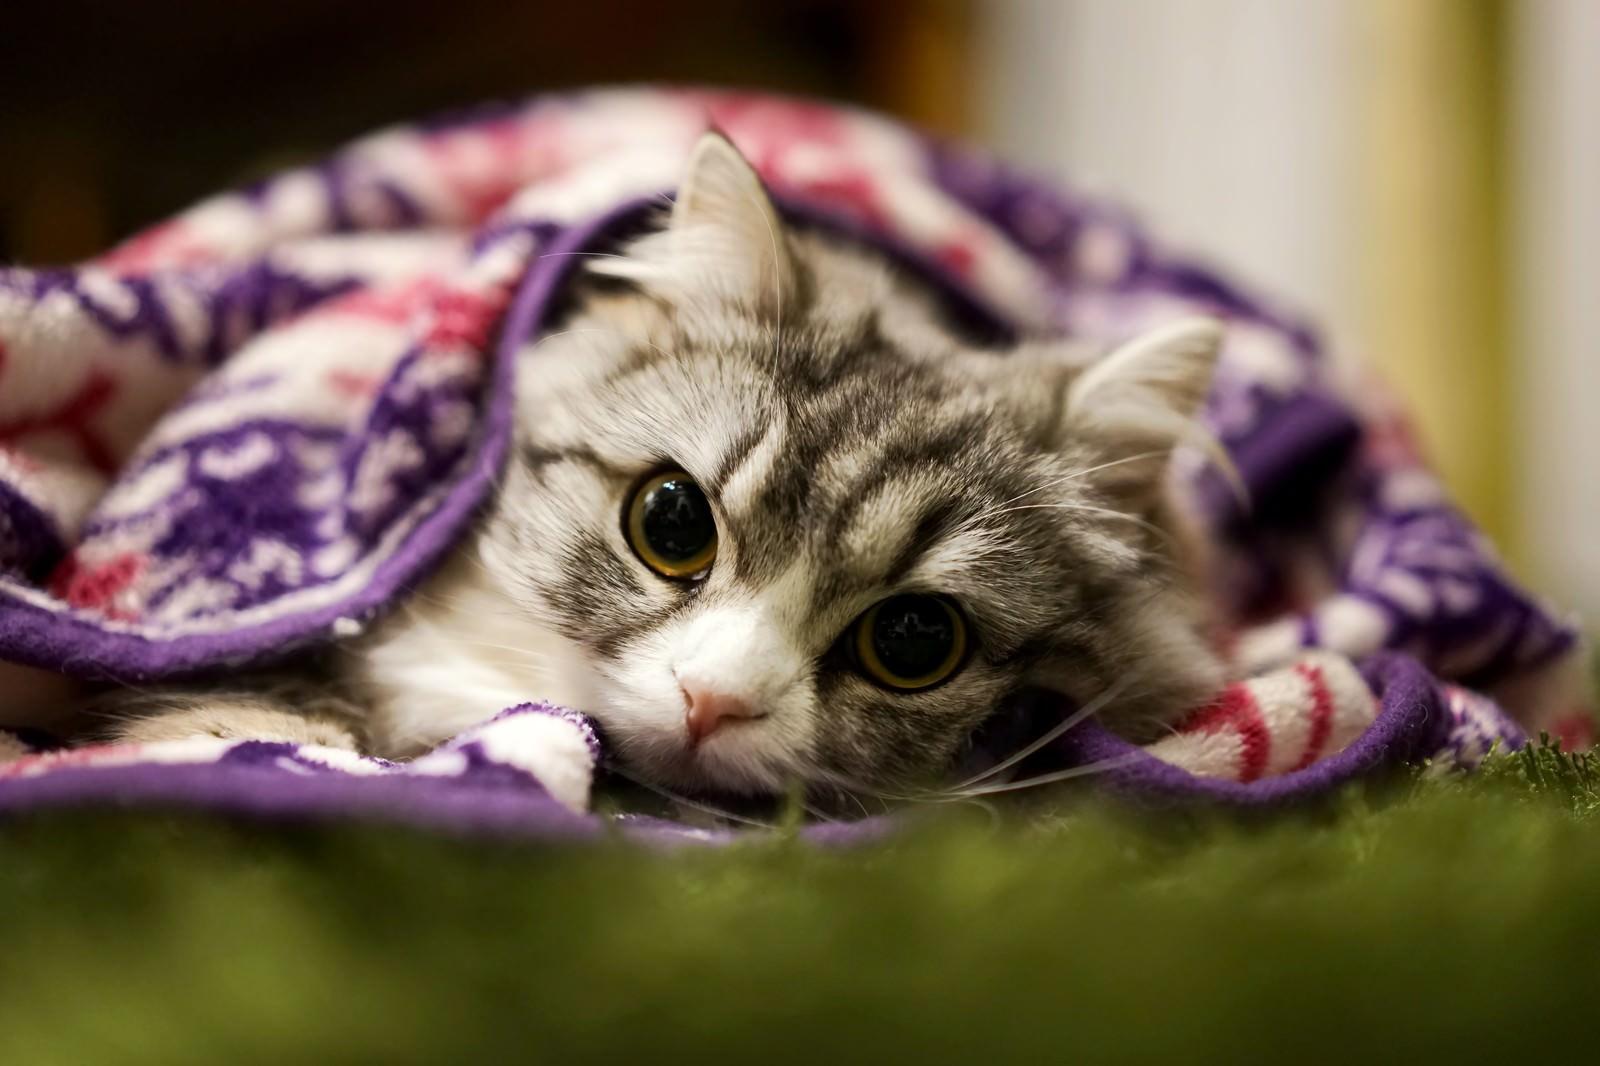 「ブランケットにくるまってるメス猫(スコティッシュフォールド)ブランケットにくるまってるメス猫(スコティッシュフォールド)」のフリー写真素材を拡大